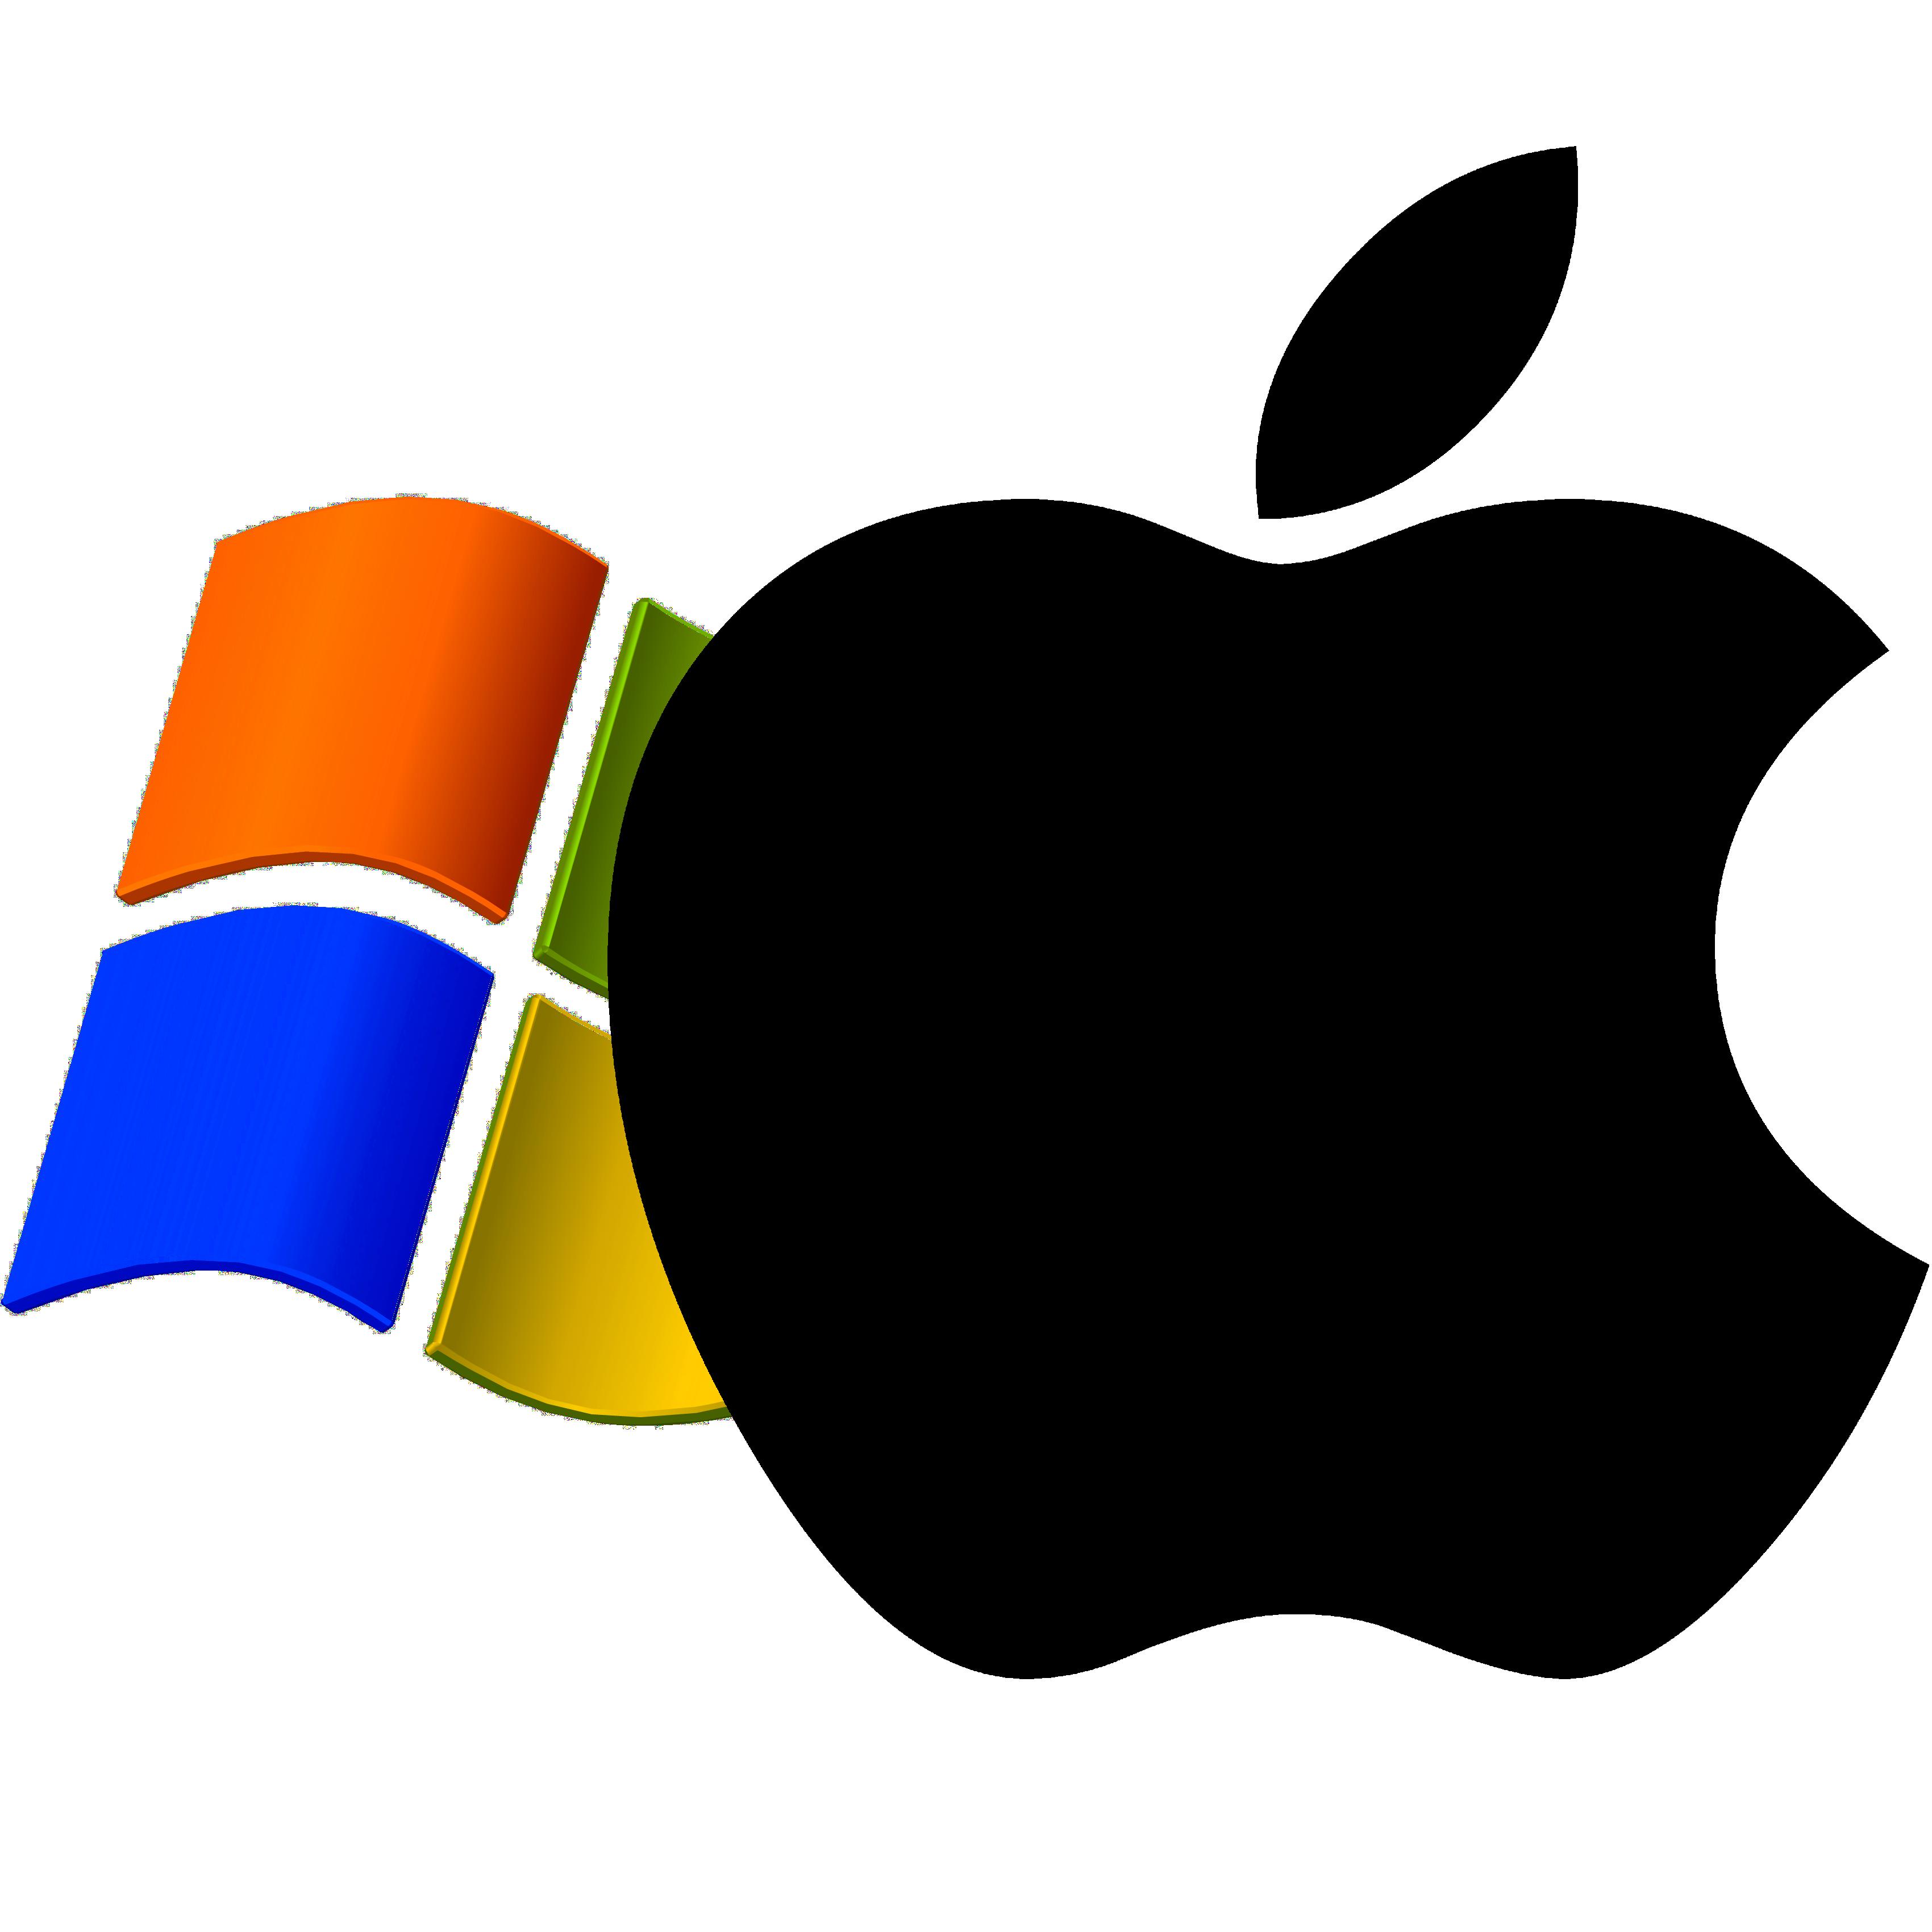 apple windows logo ile ilgili görsel sonucu